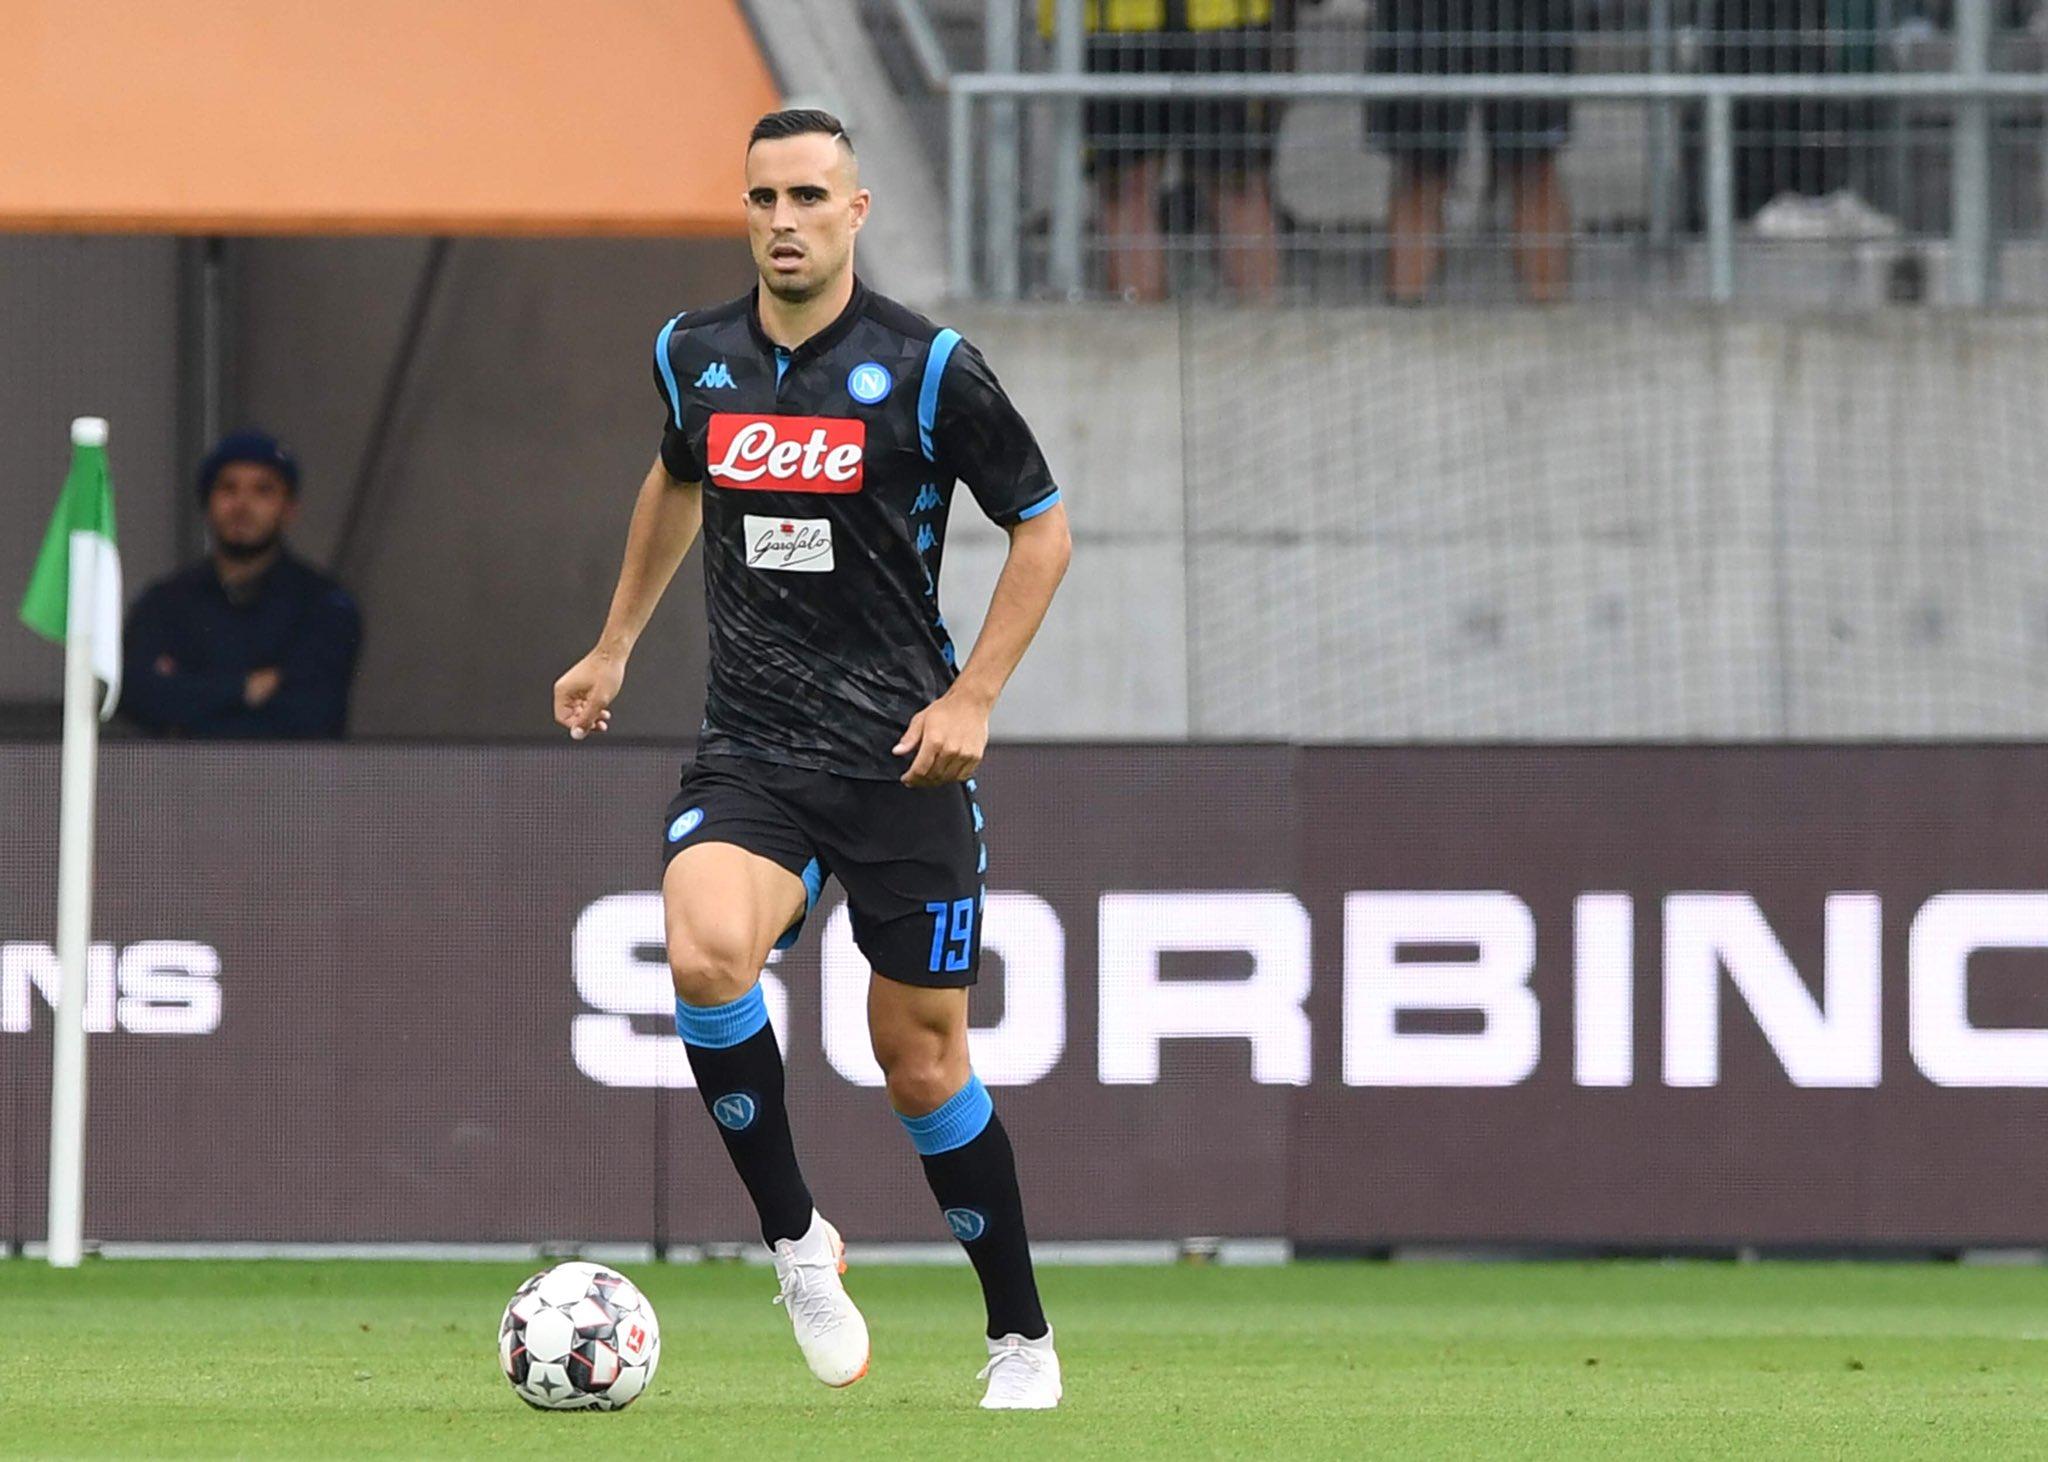 Borussia-Napoli 1-3: buone indicazioni per Ancelotti, oltre il risultato